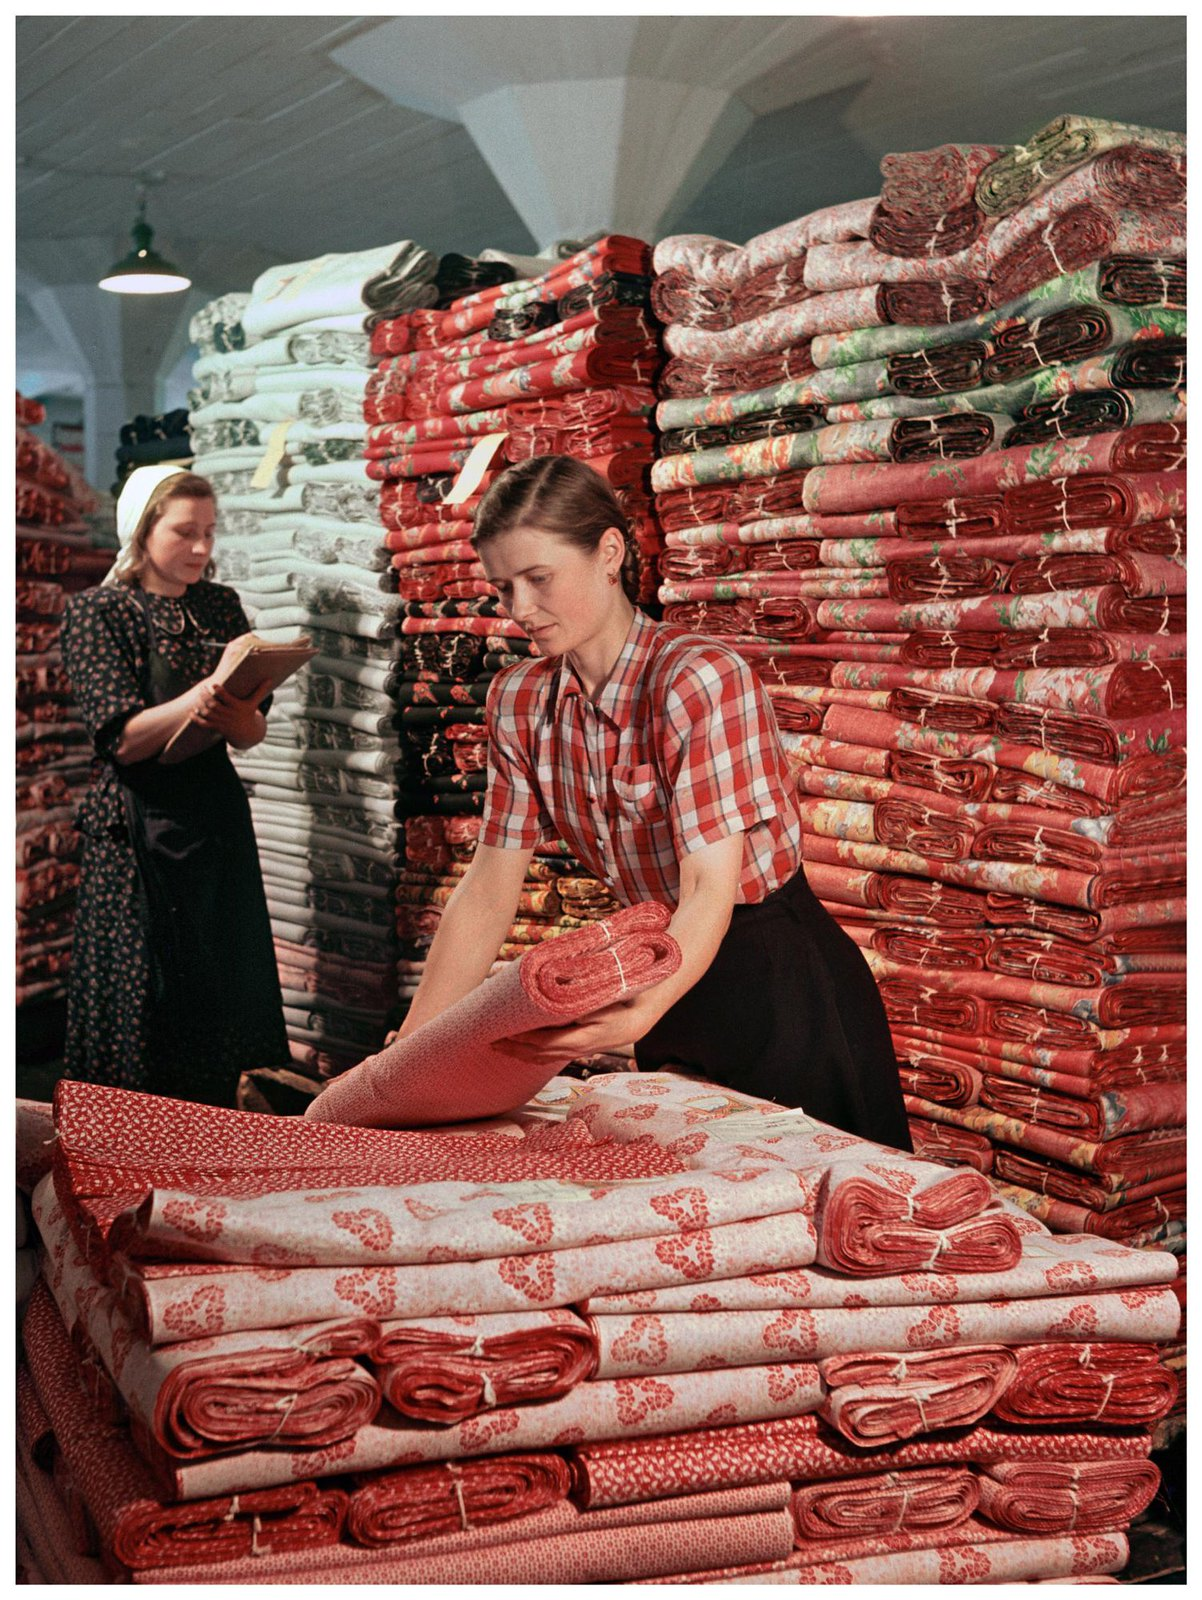 1953. Работницы-стахановки Ивановской выходной базы Антонина Марфина (справа) и Александра Морозова за упаковкой стеллаж. Рюмкин Я.И.